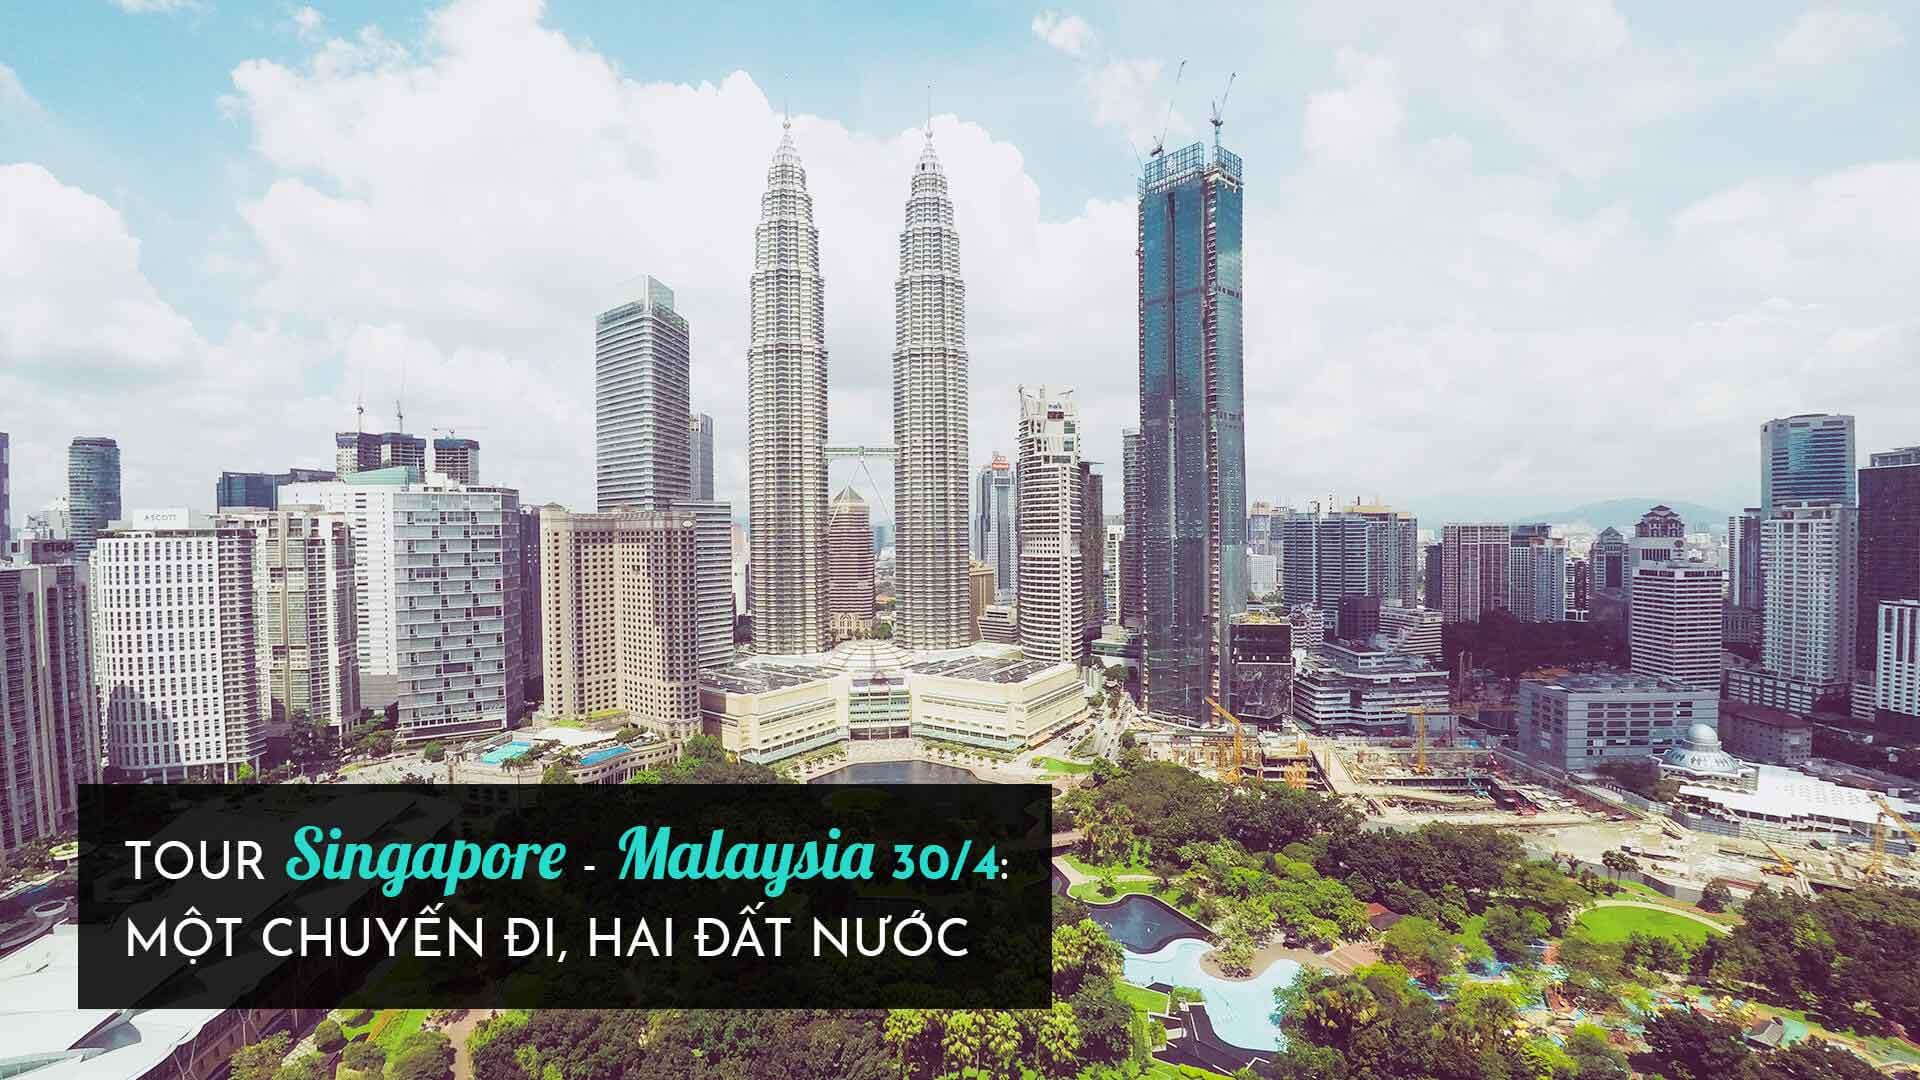 Tour Singapore – Malaysia 30/4: một chuyến đi, hai đất nước!